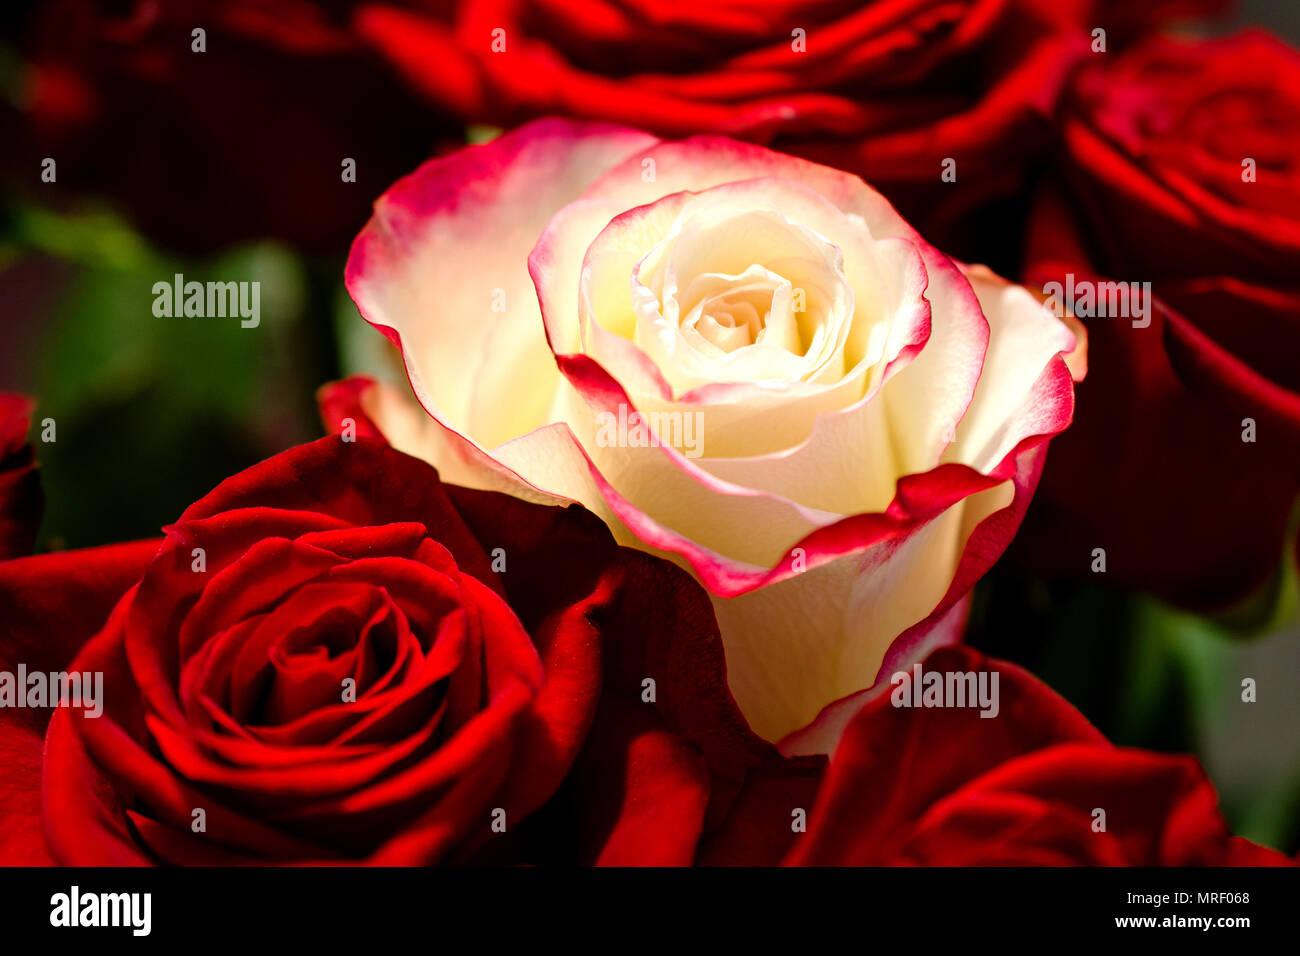 Rose Like Like Bouquet Stock Photos Rose Like Like Bouquet Stock